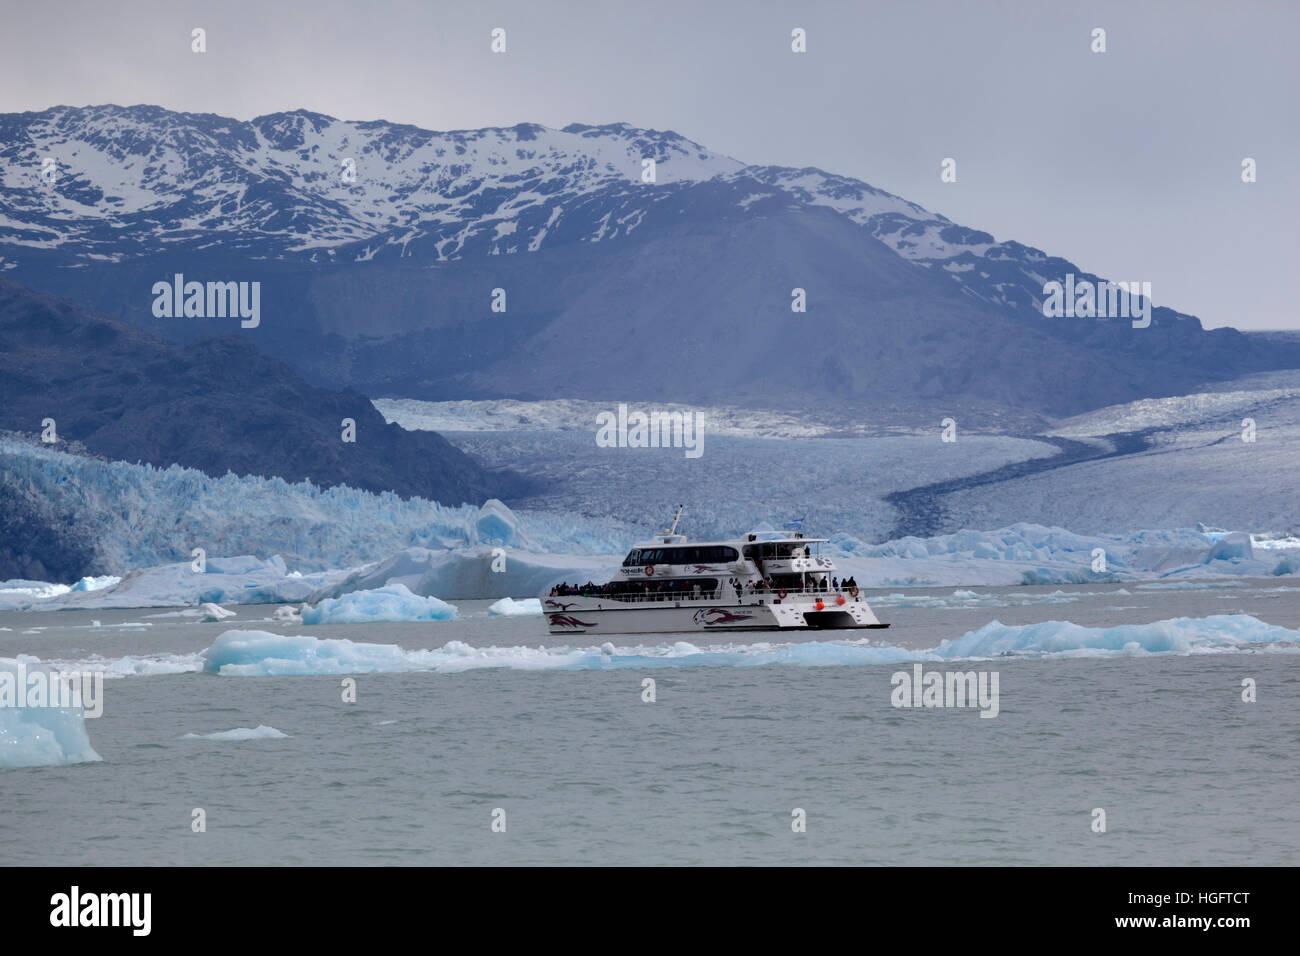 Sightseeing boat at Upsala Glacier on Lago Argentino, El Calafate, Parque Nacional Los Glaciares, Patagonia, Argentina, - Stock Image